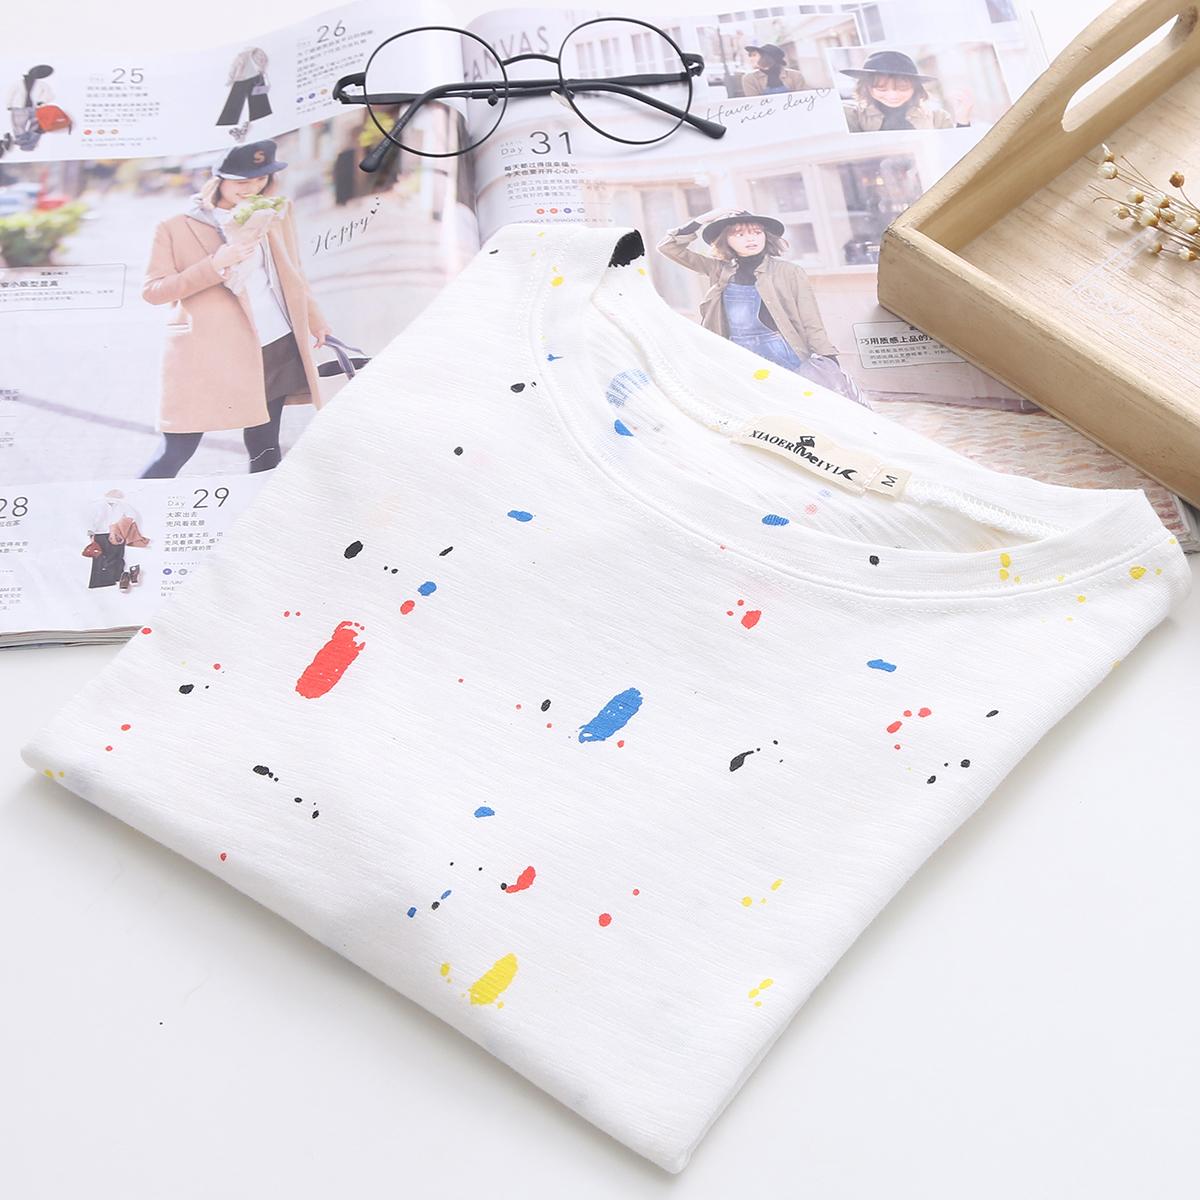 小喵衣舍新款韩版休闲文艺范涂鸦彩点印花T恤女棉质圆领短袖上衣